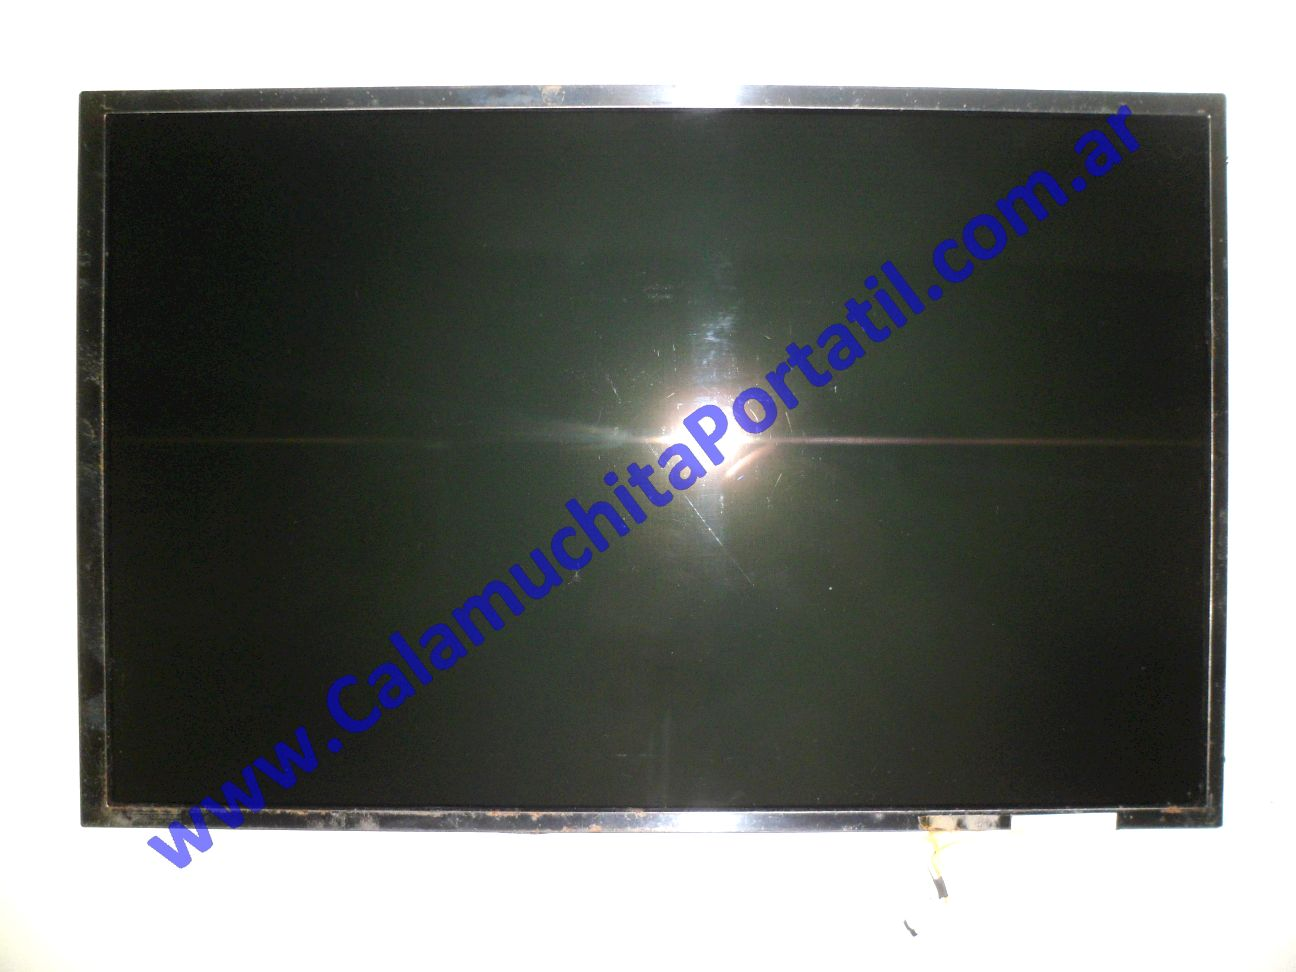 0564DIA Display Compaq Presario CQ40-500LA / VD675LA#AC8